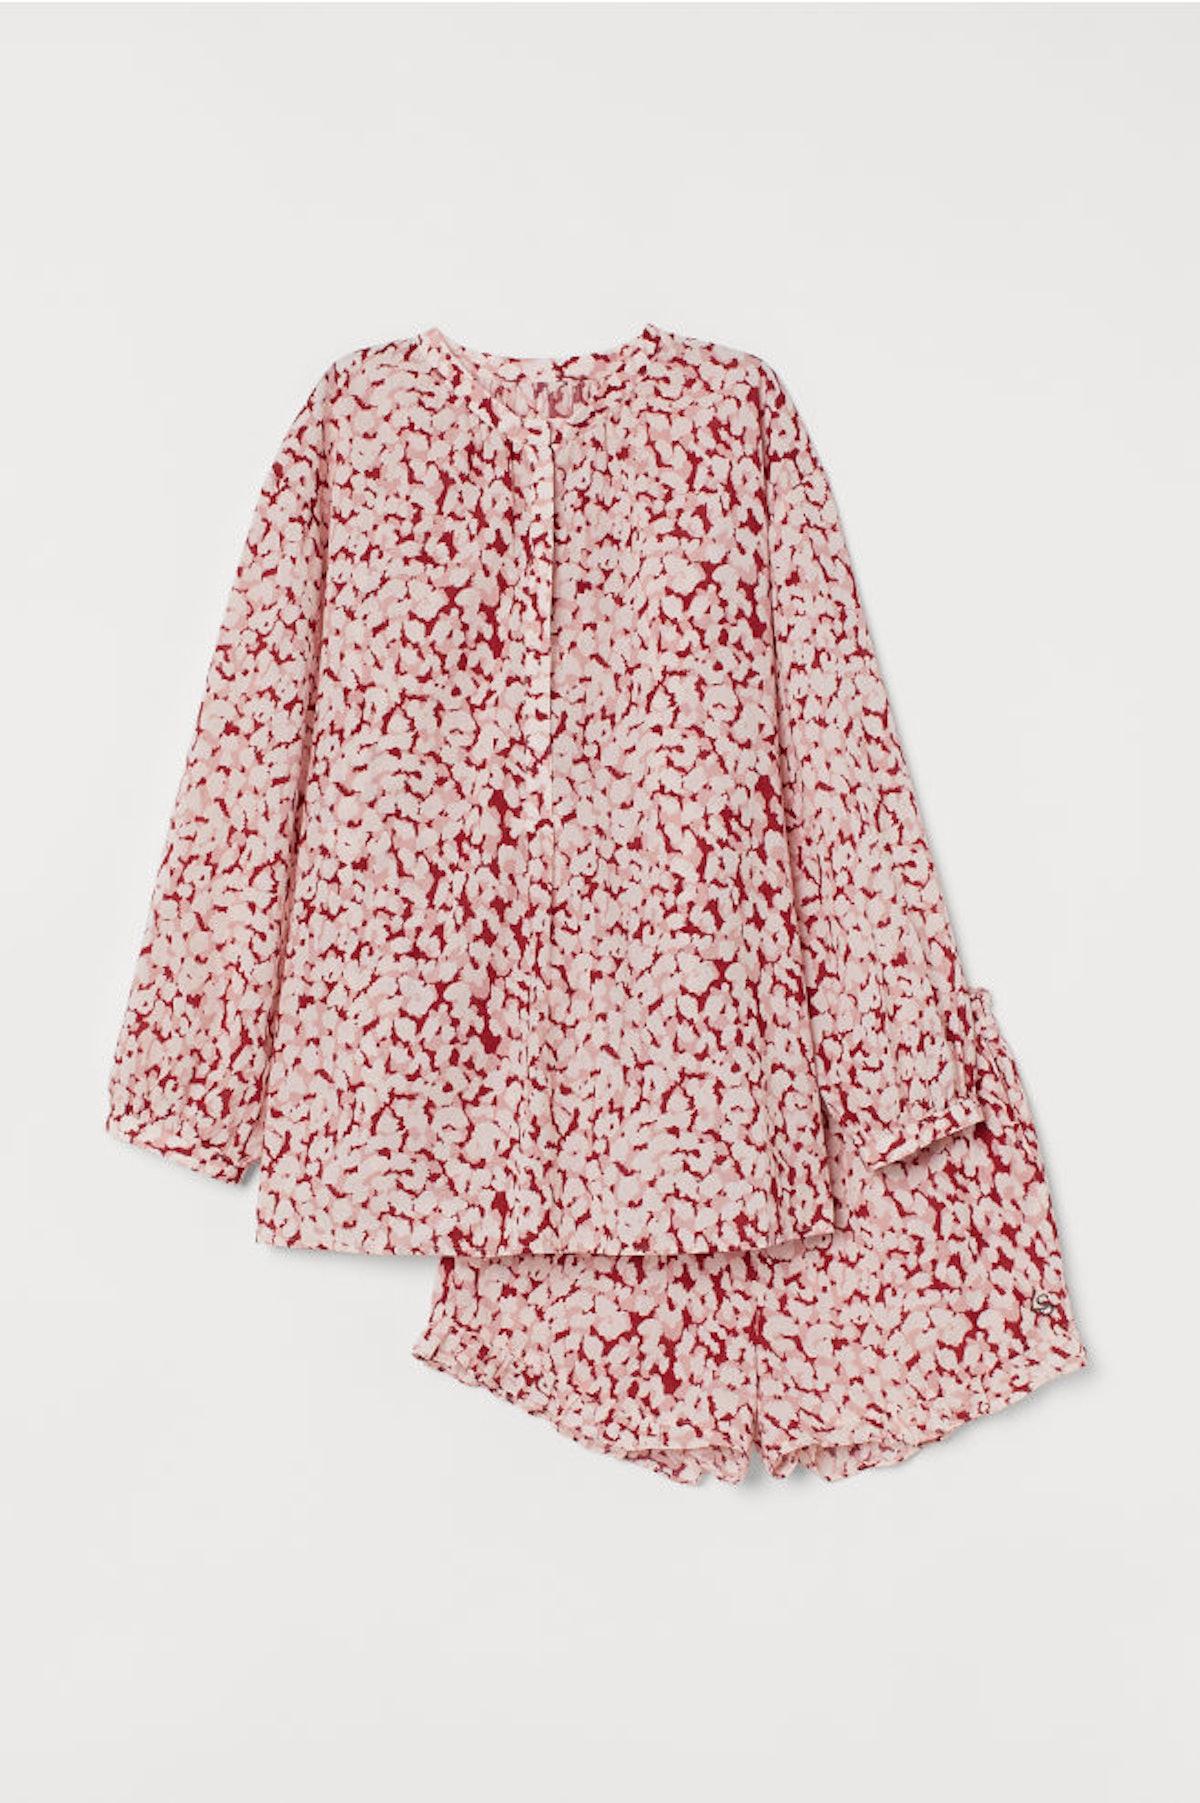 Pajama Blouse and Shorts